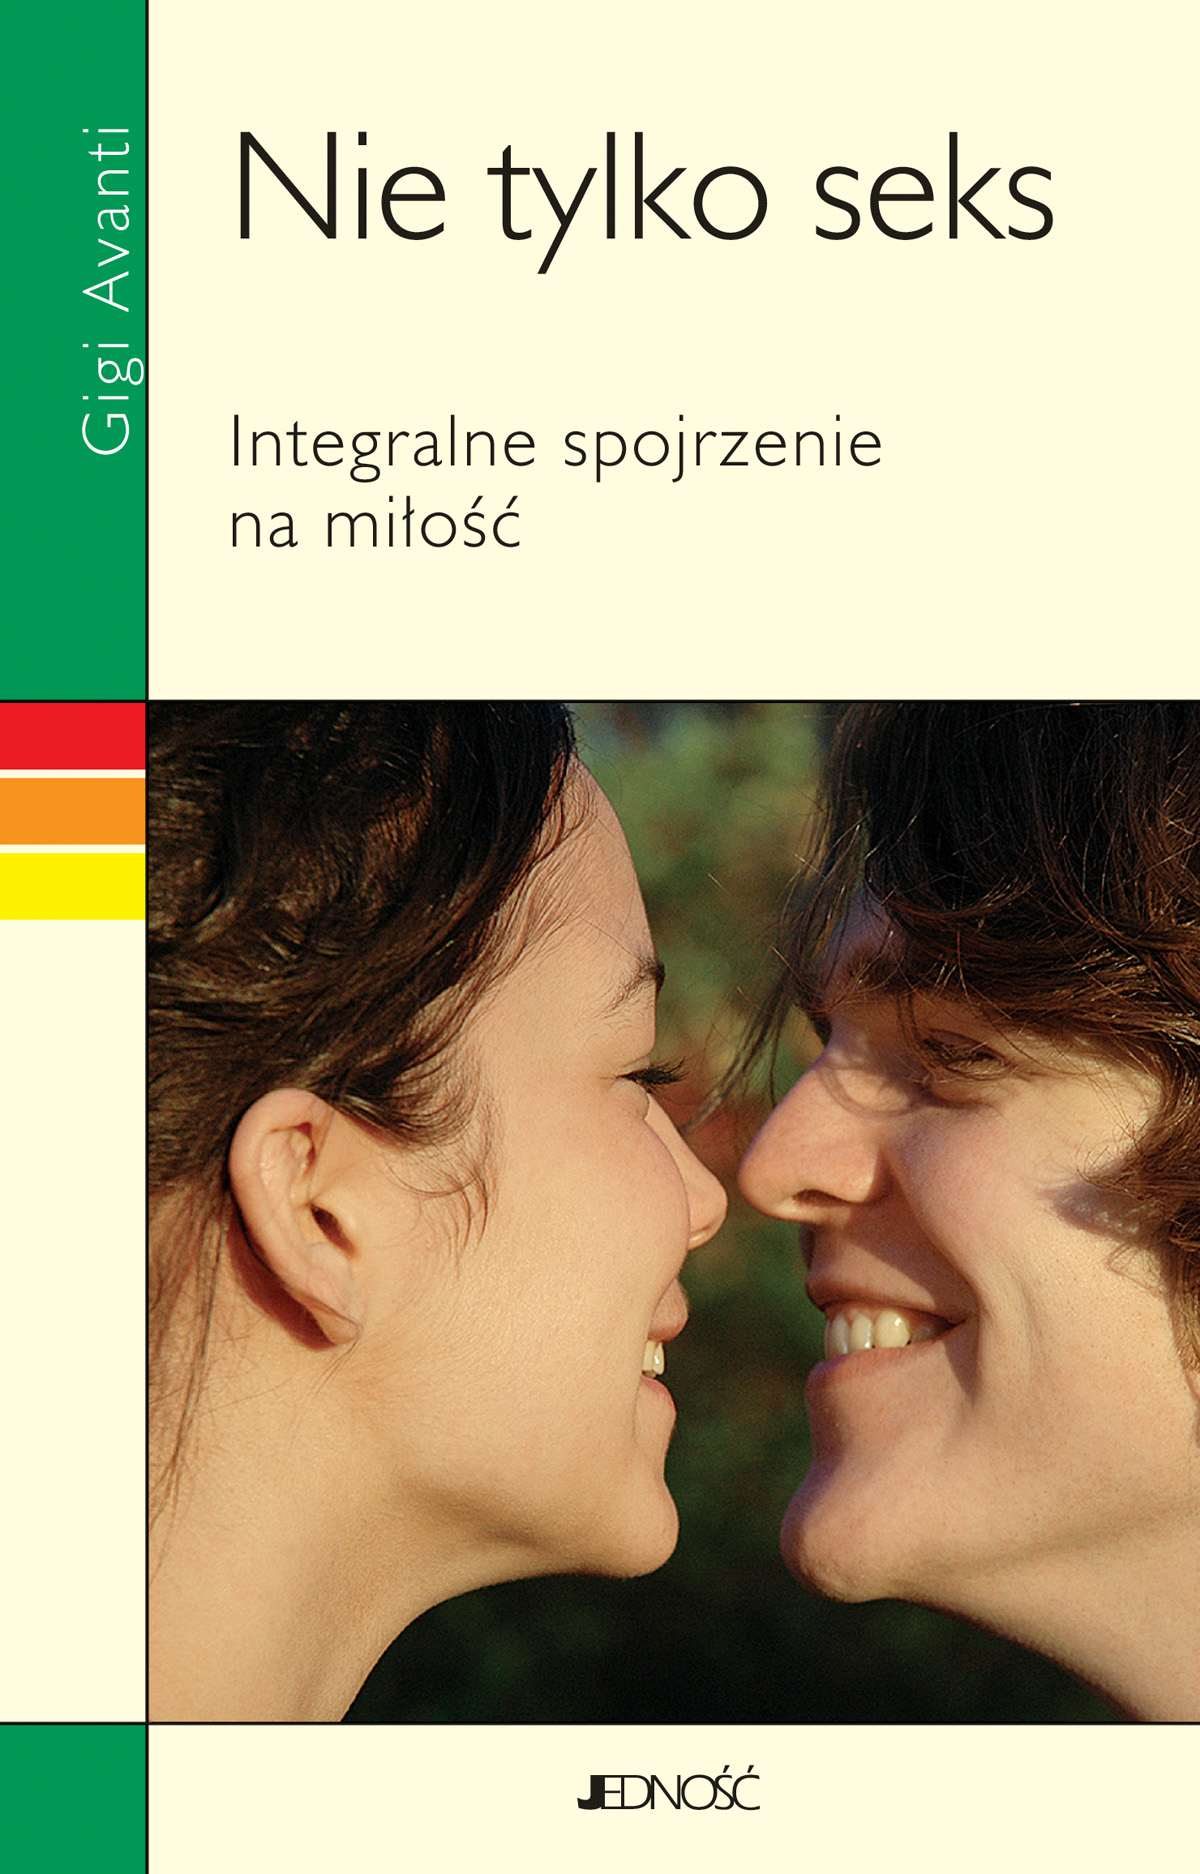 Nie tylko seks. Integralne spojrzenie na miłość. - Ebook (Książka na Kindle) do pobrania w formacie MOBI